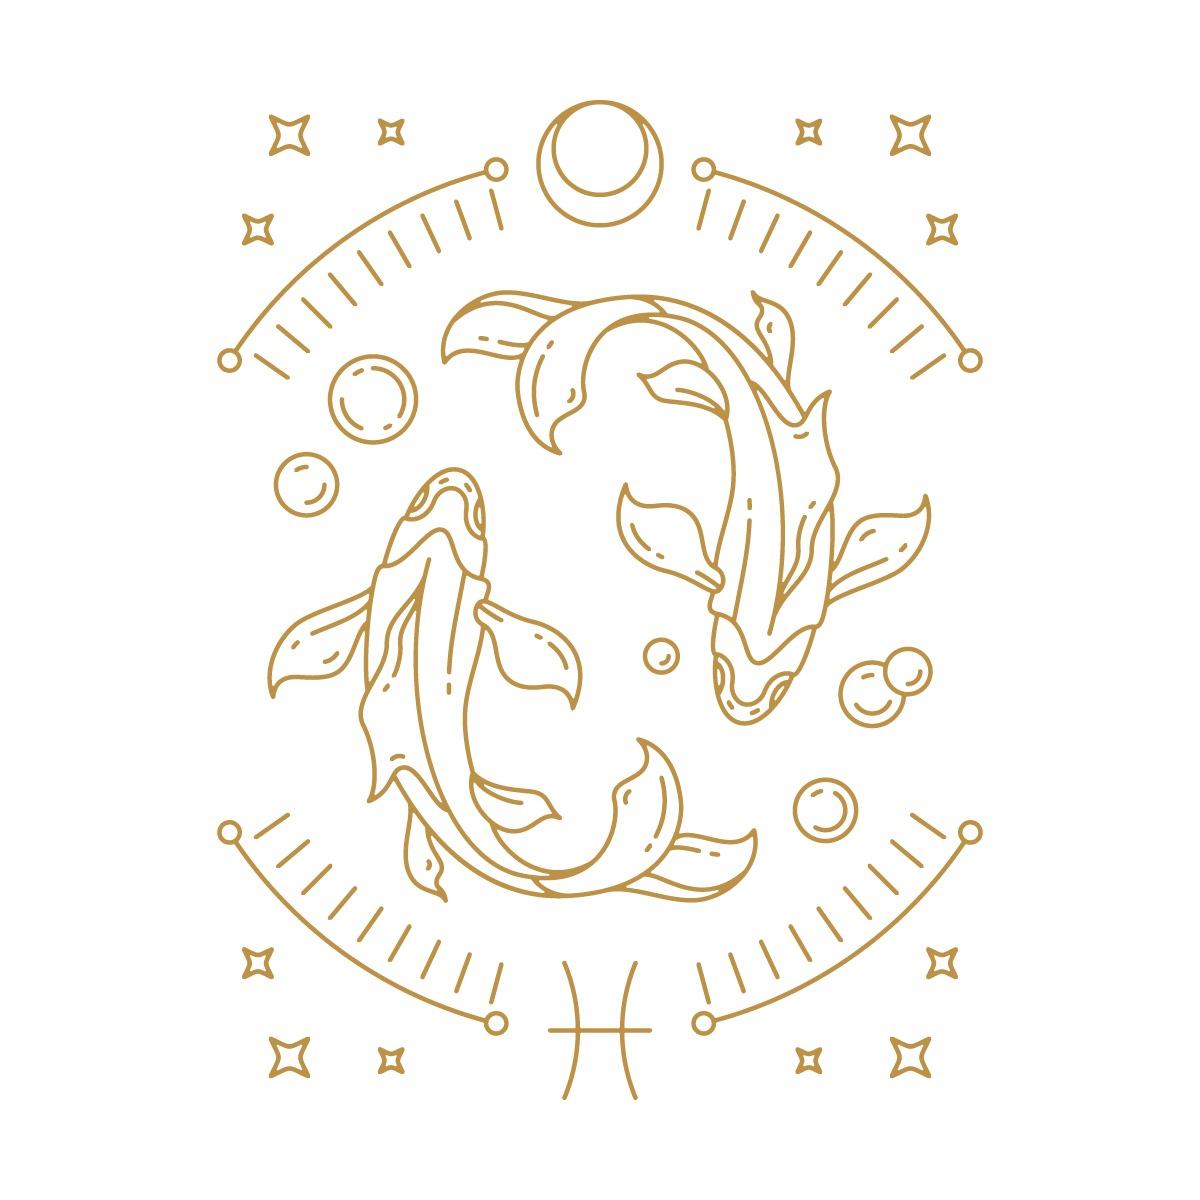 Hình ảnh 2 chú cá đối nhau, biểu tượng cung Song Ngư